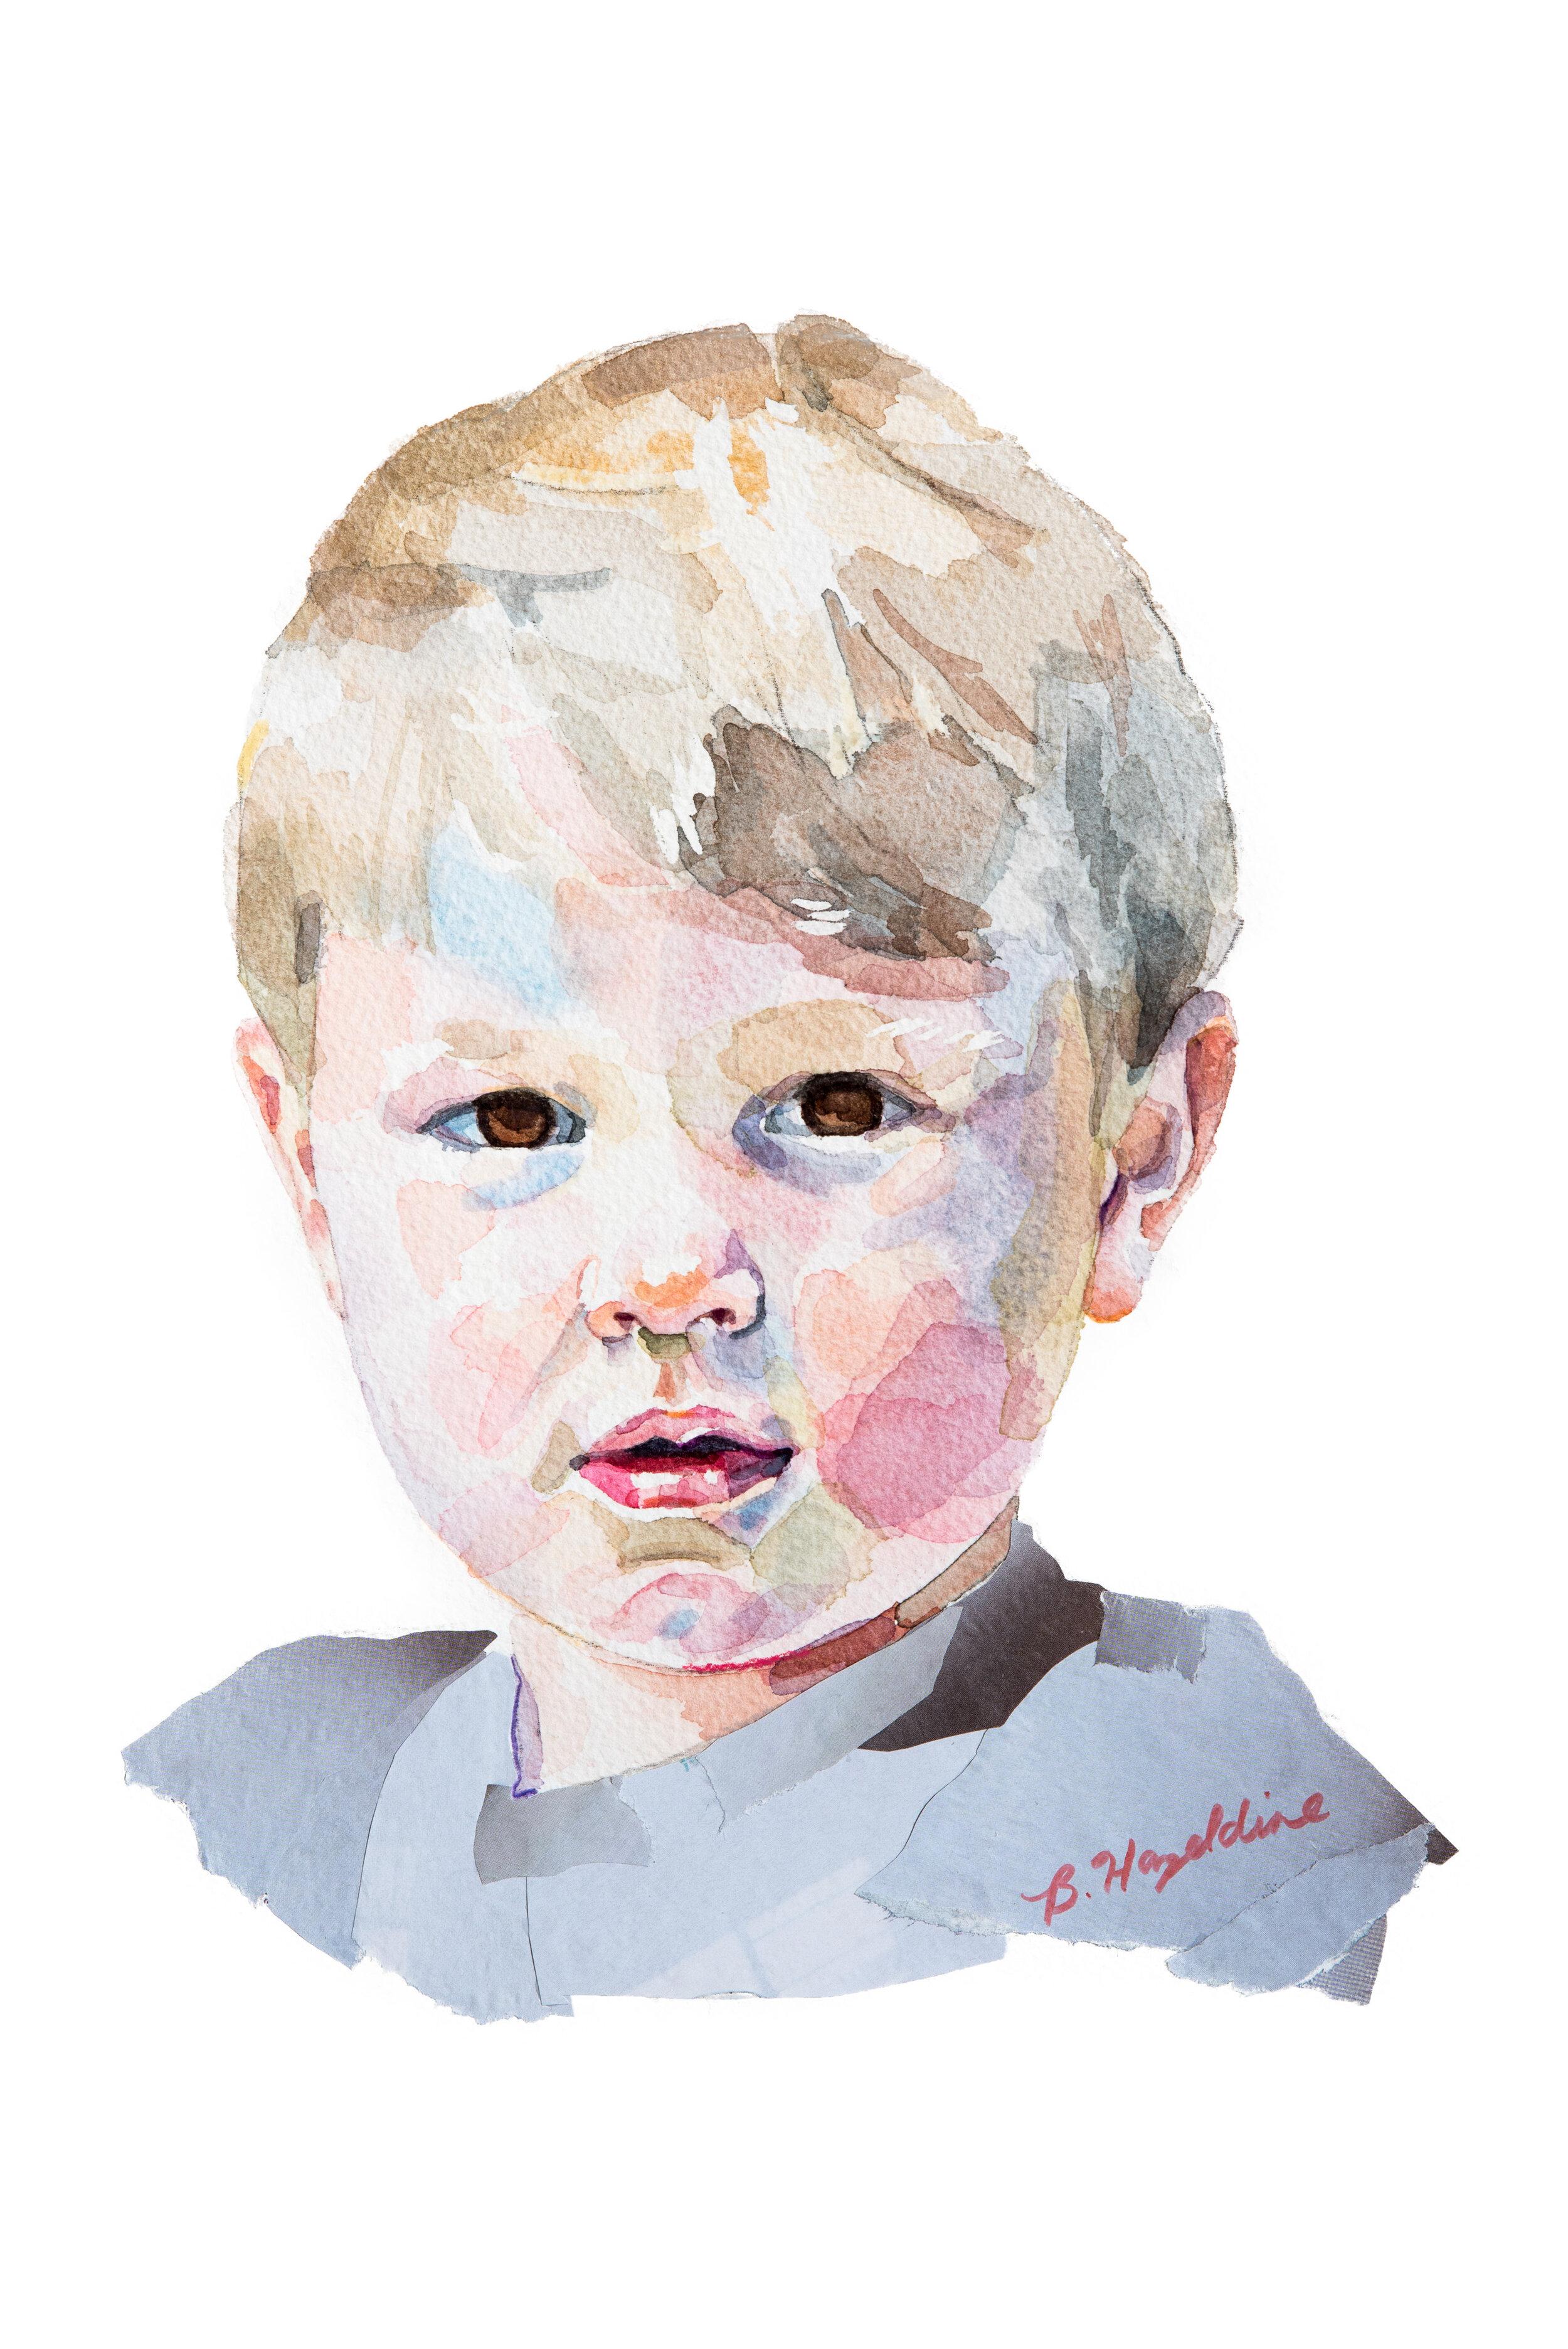 Boy in grey. Children's Portrait Artist Surrey. Painting by Brittany Hazeldine.